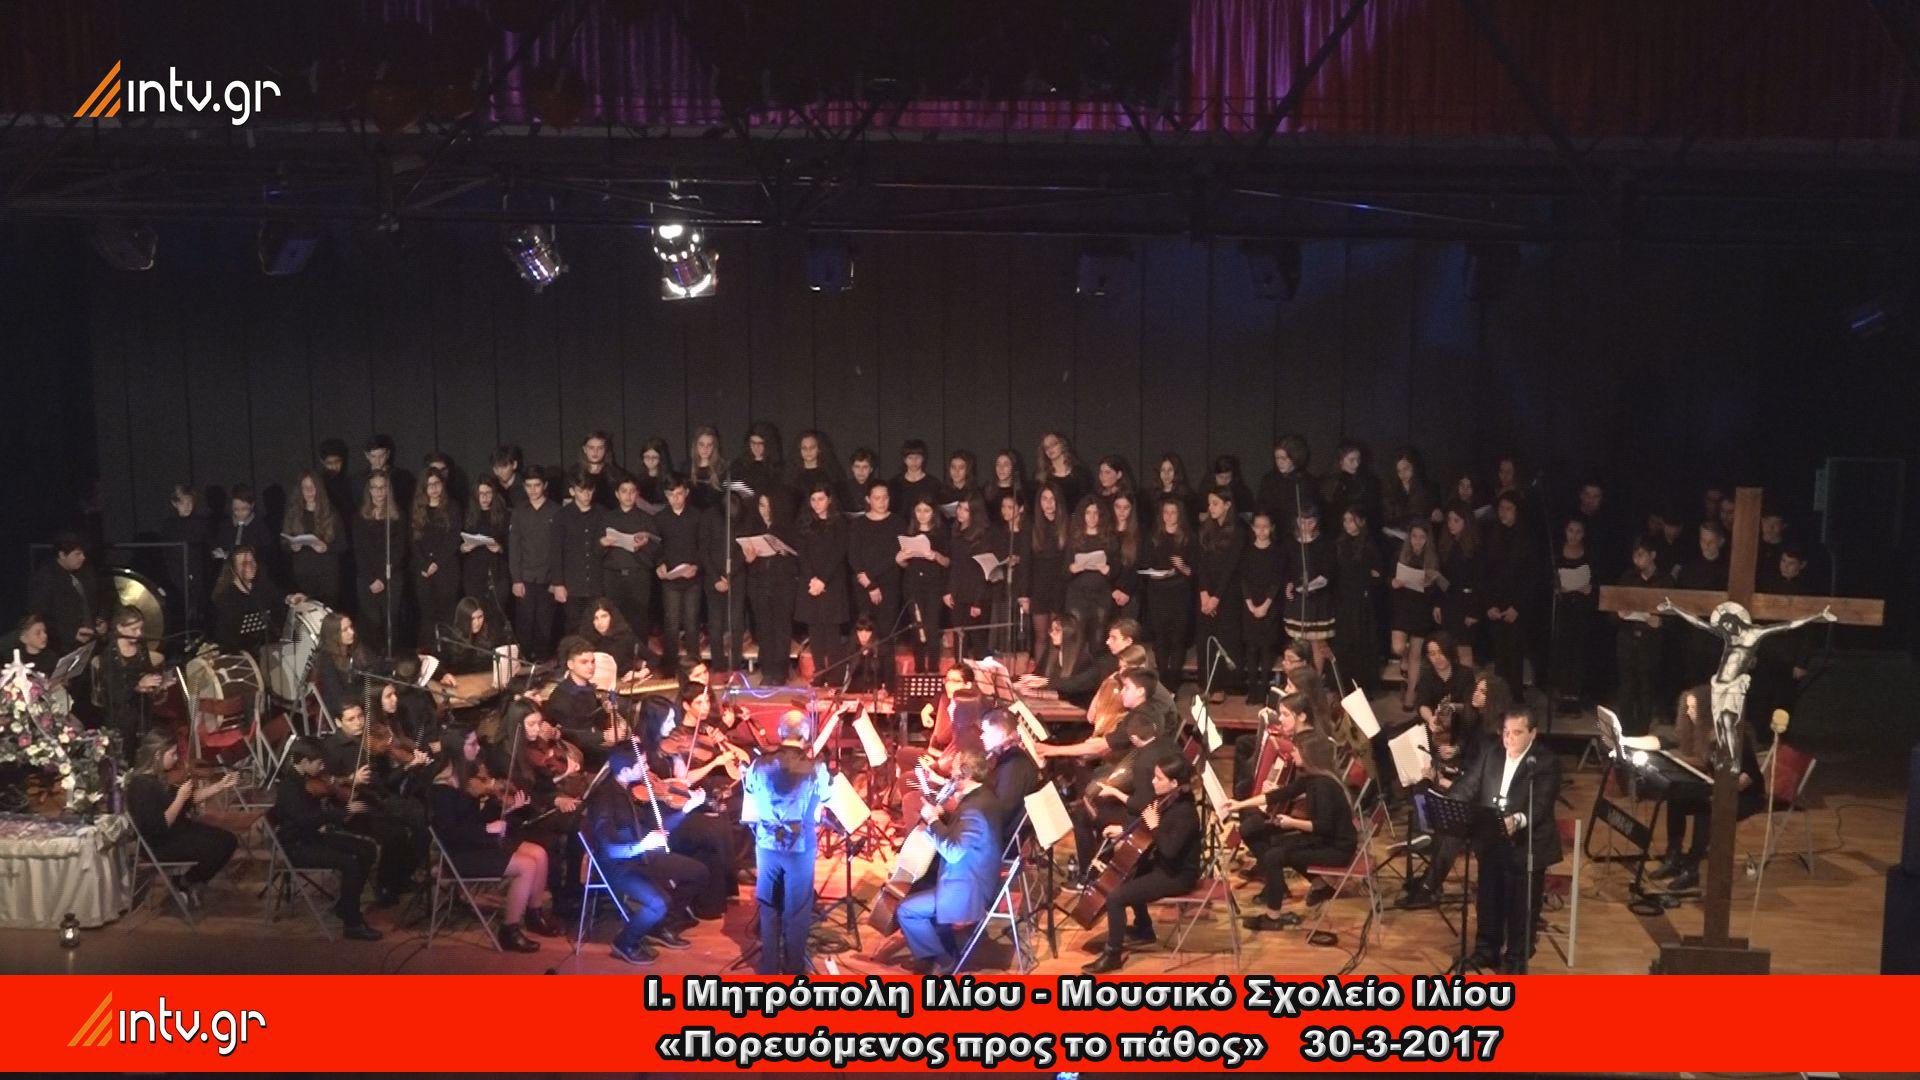 Ι. Μητρόπολη Ιλίου - Μουσικό Σχολείο Ιλίου «Πορευόμενος προς το πάθος»